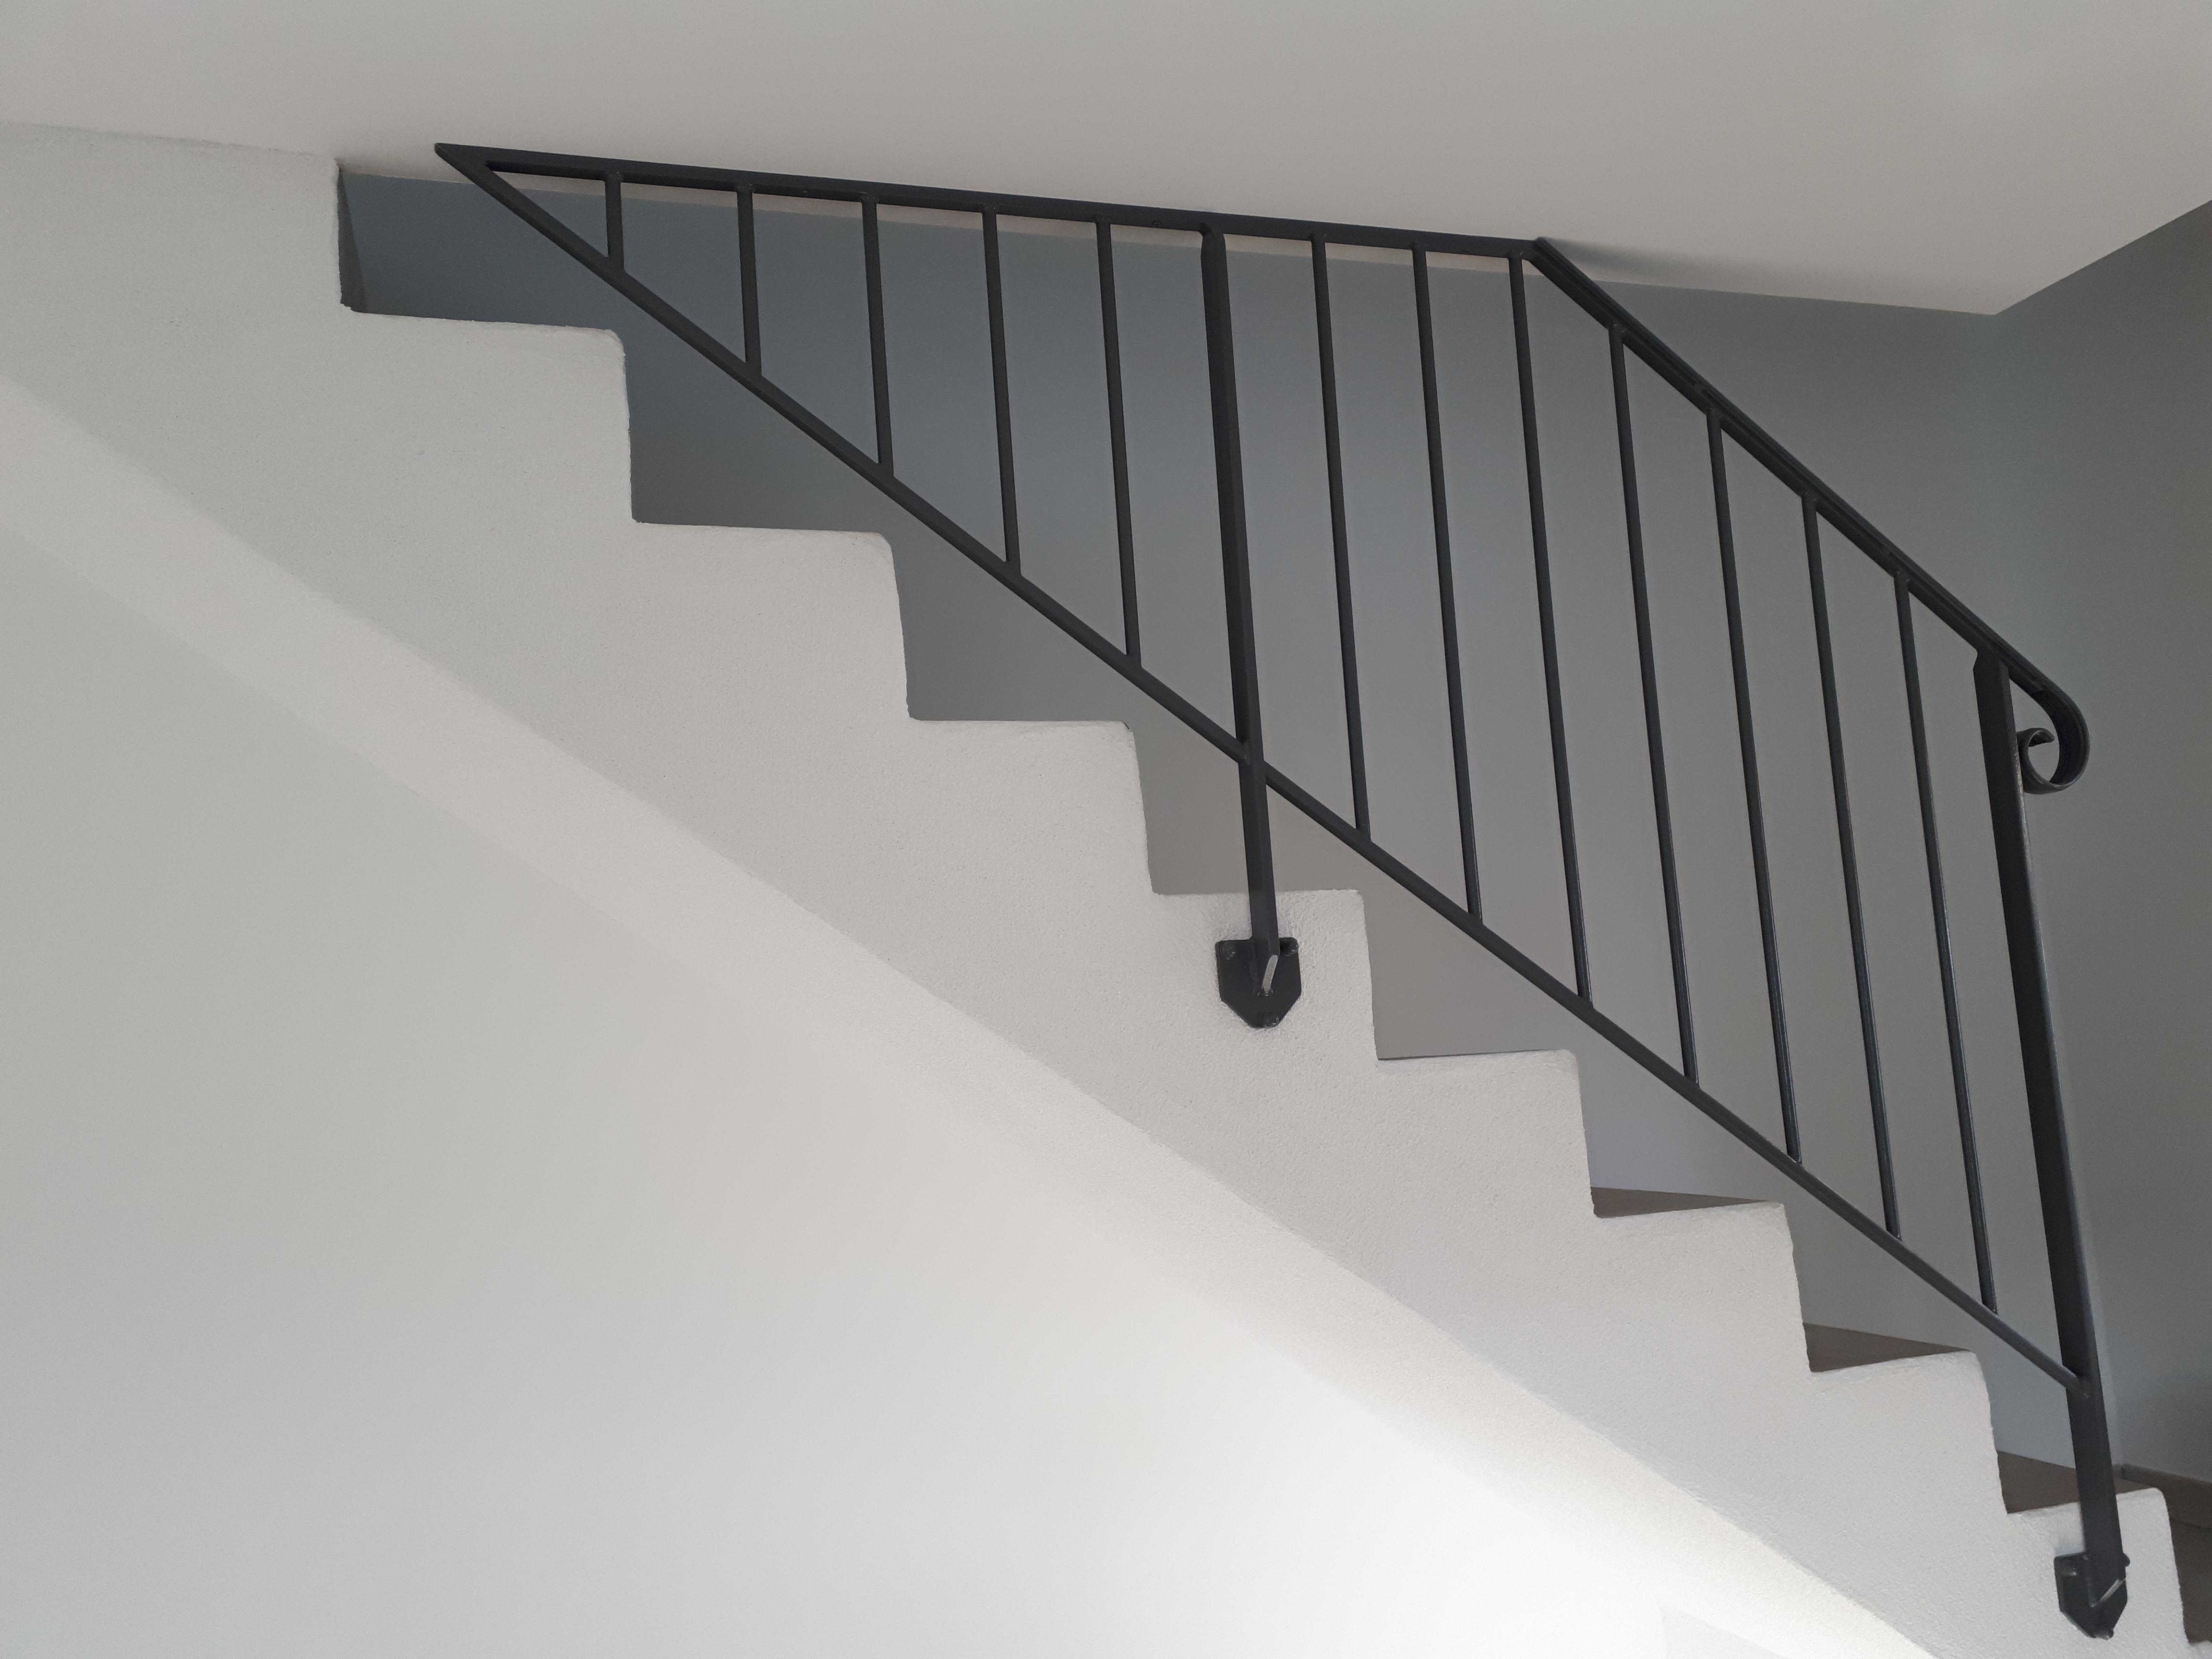 Fixation De Rideau Au Plafond garde-corps barreaux droits, fixation sous plafond